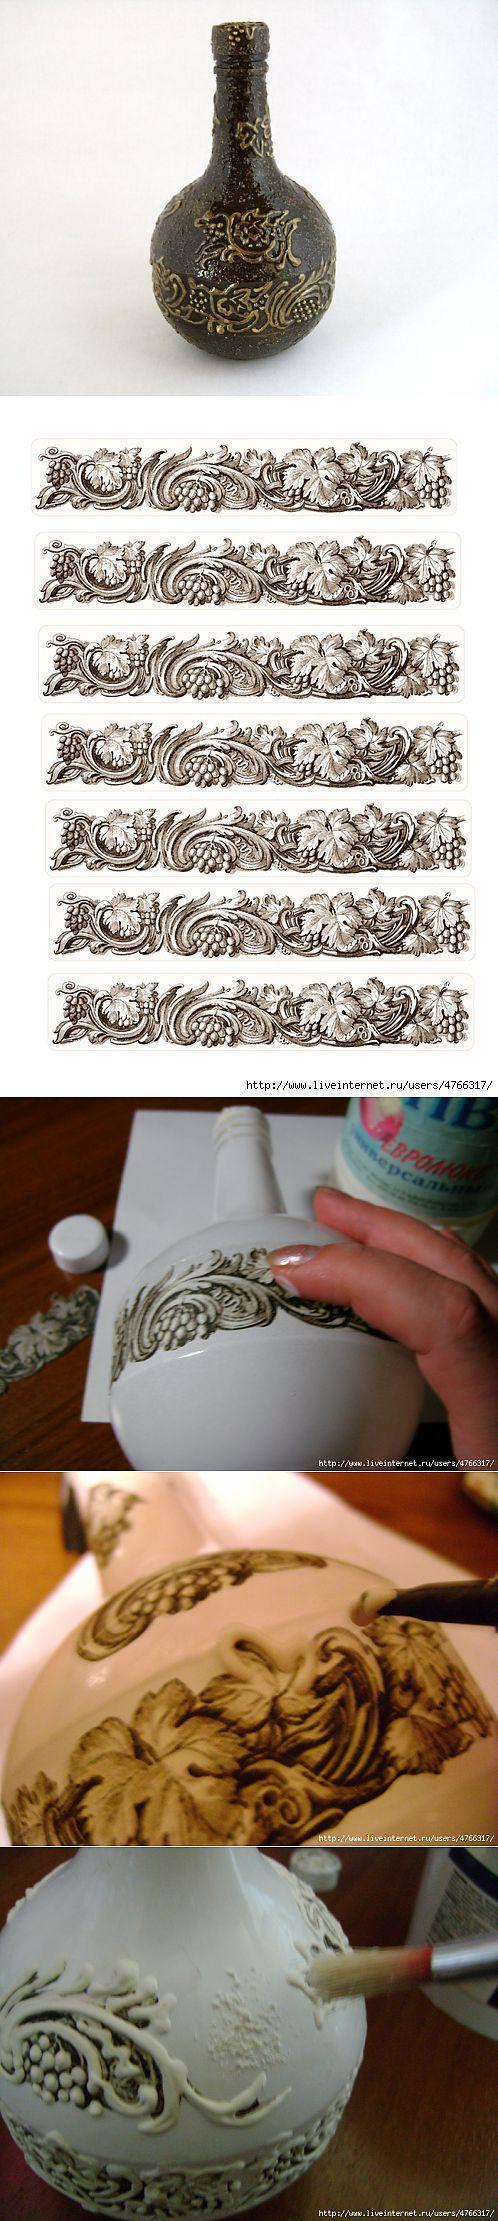 МК по рисование шпаклёвкой . | Декор бутылок | Постила